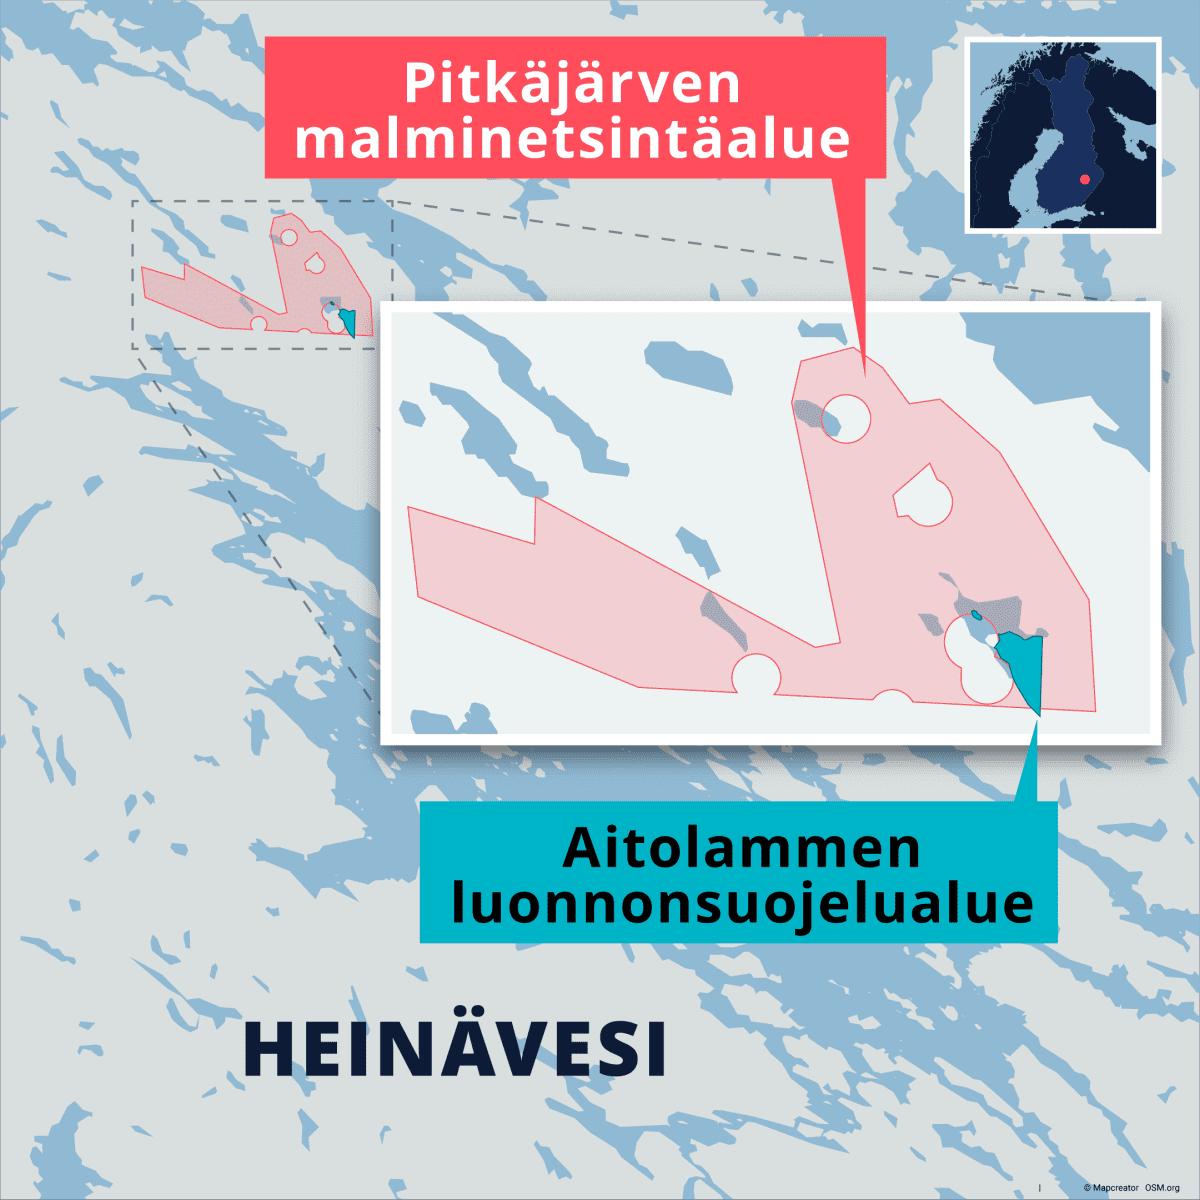 Kartta Pitkäjärven malminetsintäalueen ja Aitolammen luonnonsuojelualueen sijainnista Pohjois-Karjalan länsirajalla. Lähde: Tukes, Maanmittauslaitos / Etelä-Savon ely-keskus.